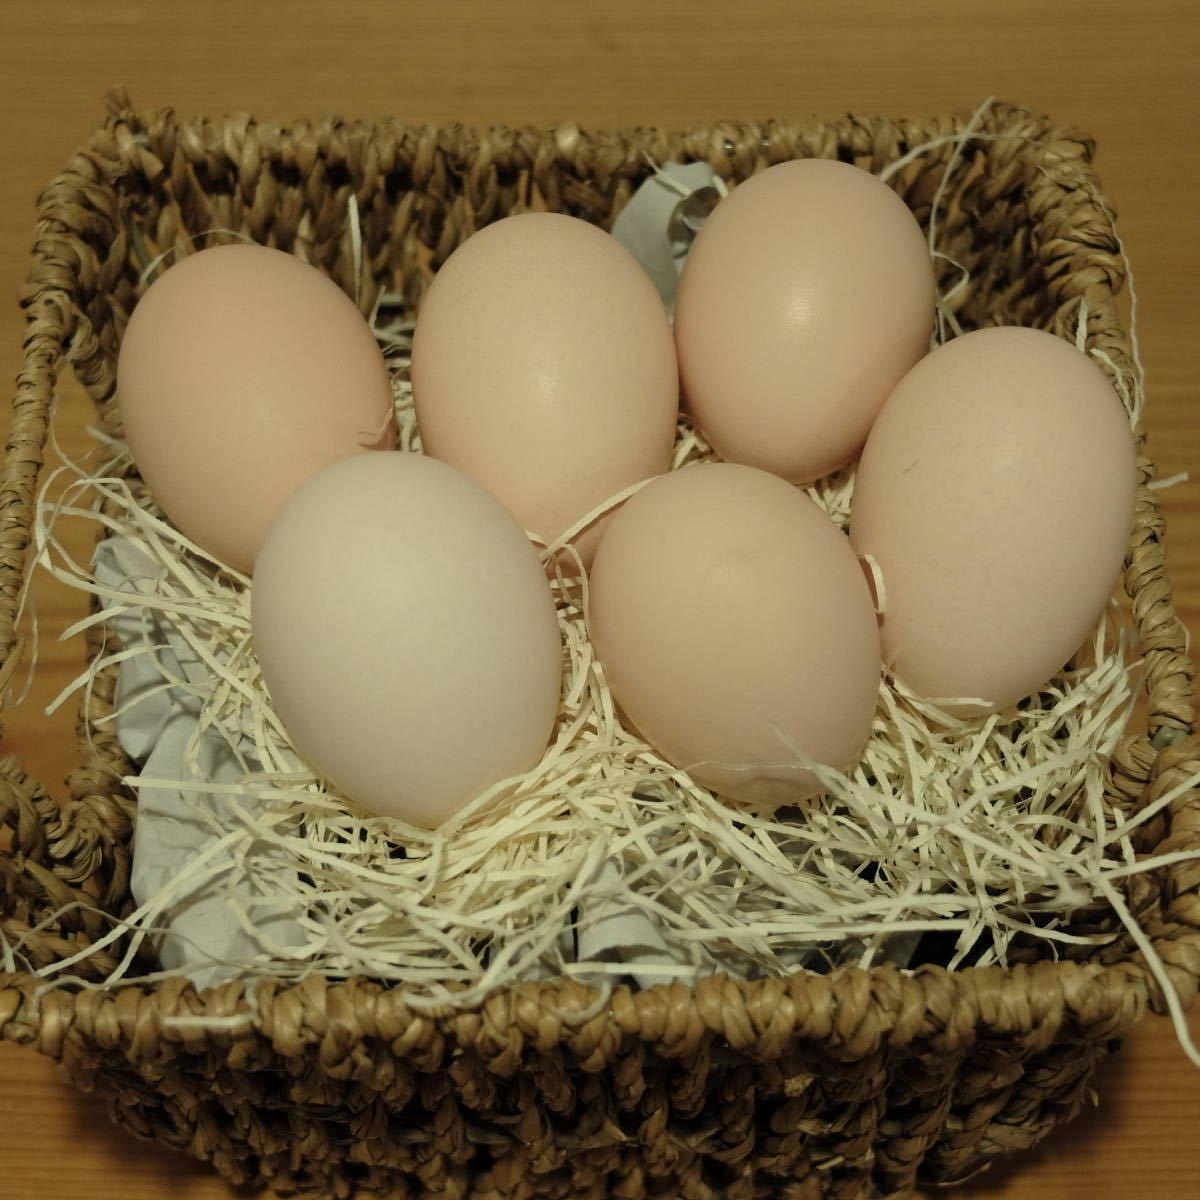 平飼い 烏骨鶏のたまご 6個 #有精卵_画像2